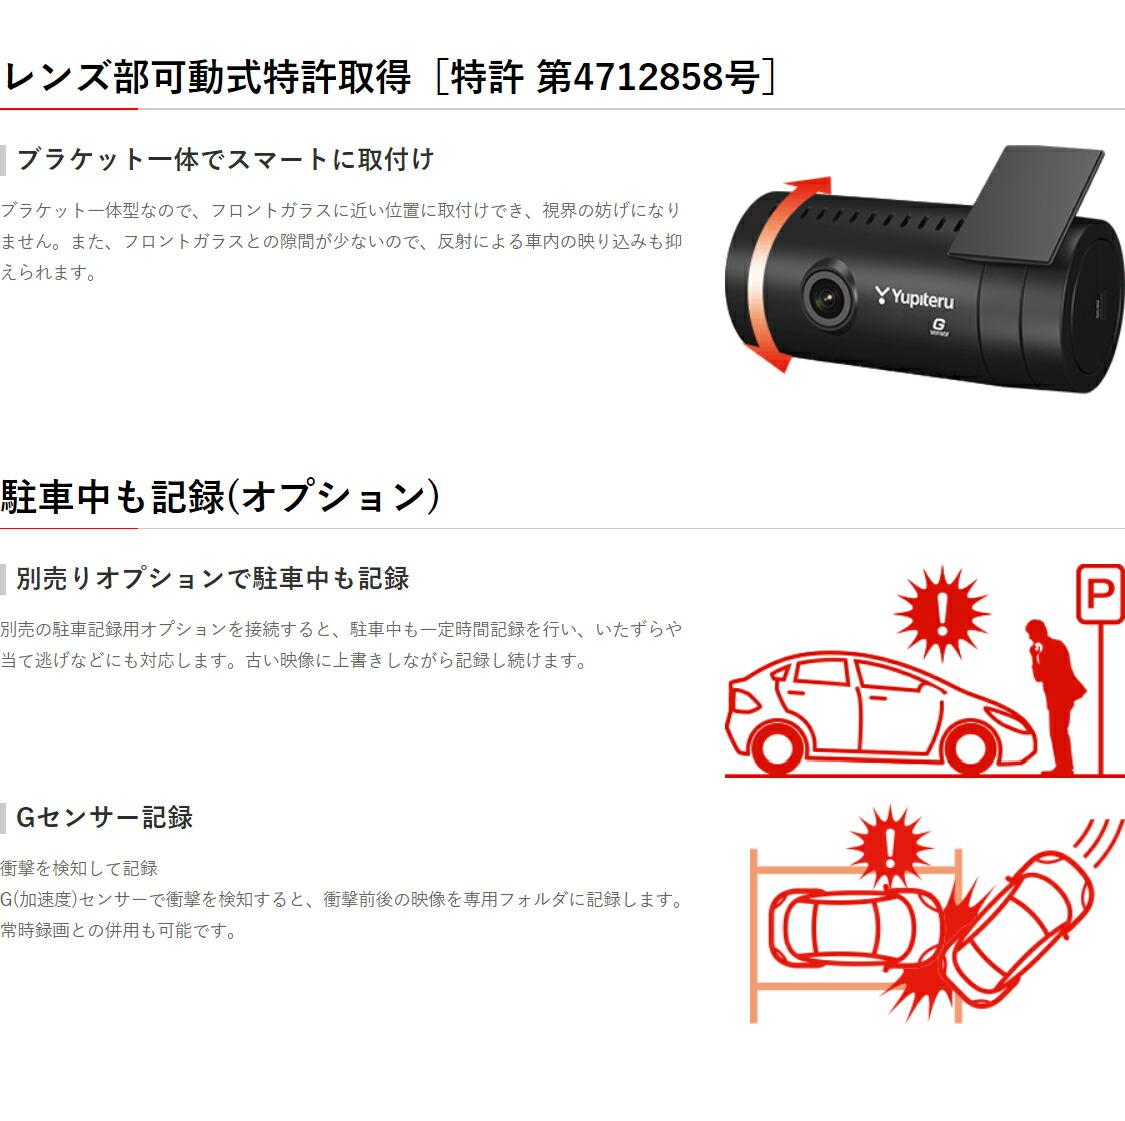 ドライブレコーダー DRY-SV550P